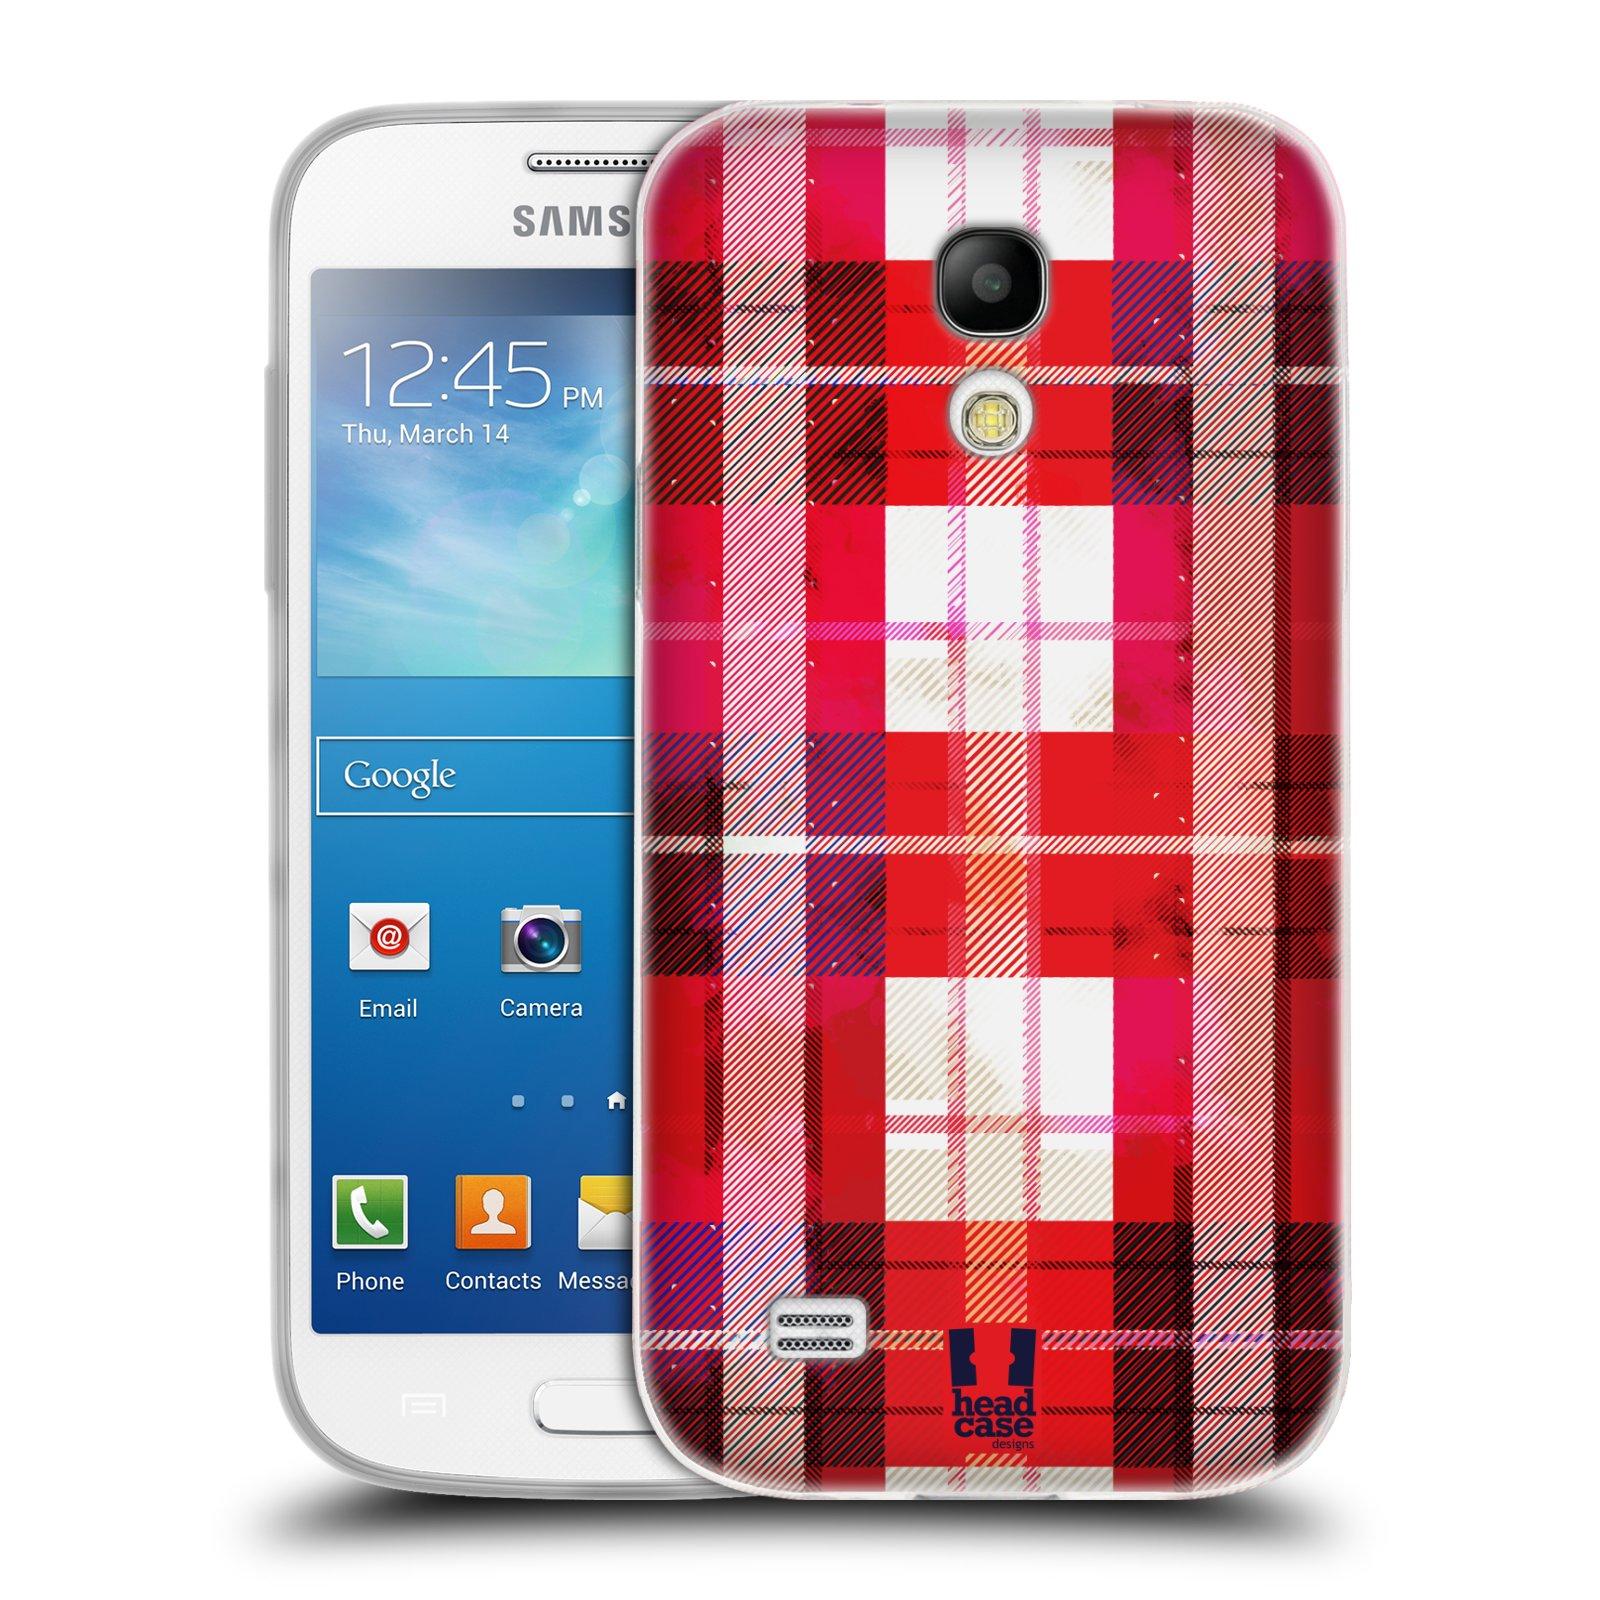 Silikonové pouzdro na mobil Samsung Galaxy S4 Mini HEAD CASE FLANEL RED (Silikonový kryt či obal na mobilní telefon Samsung Galaxy S4 Mini GT-i9195 / i9190 (nepasuje na verzi Black Edition))